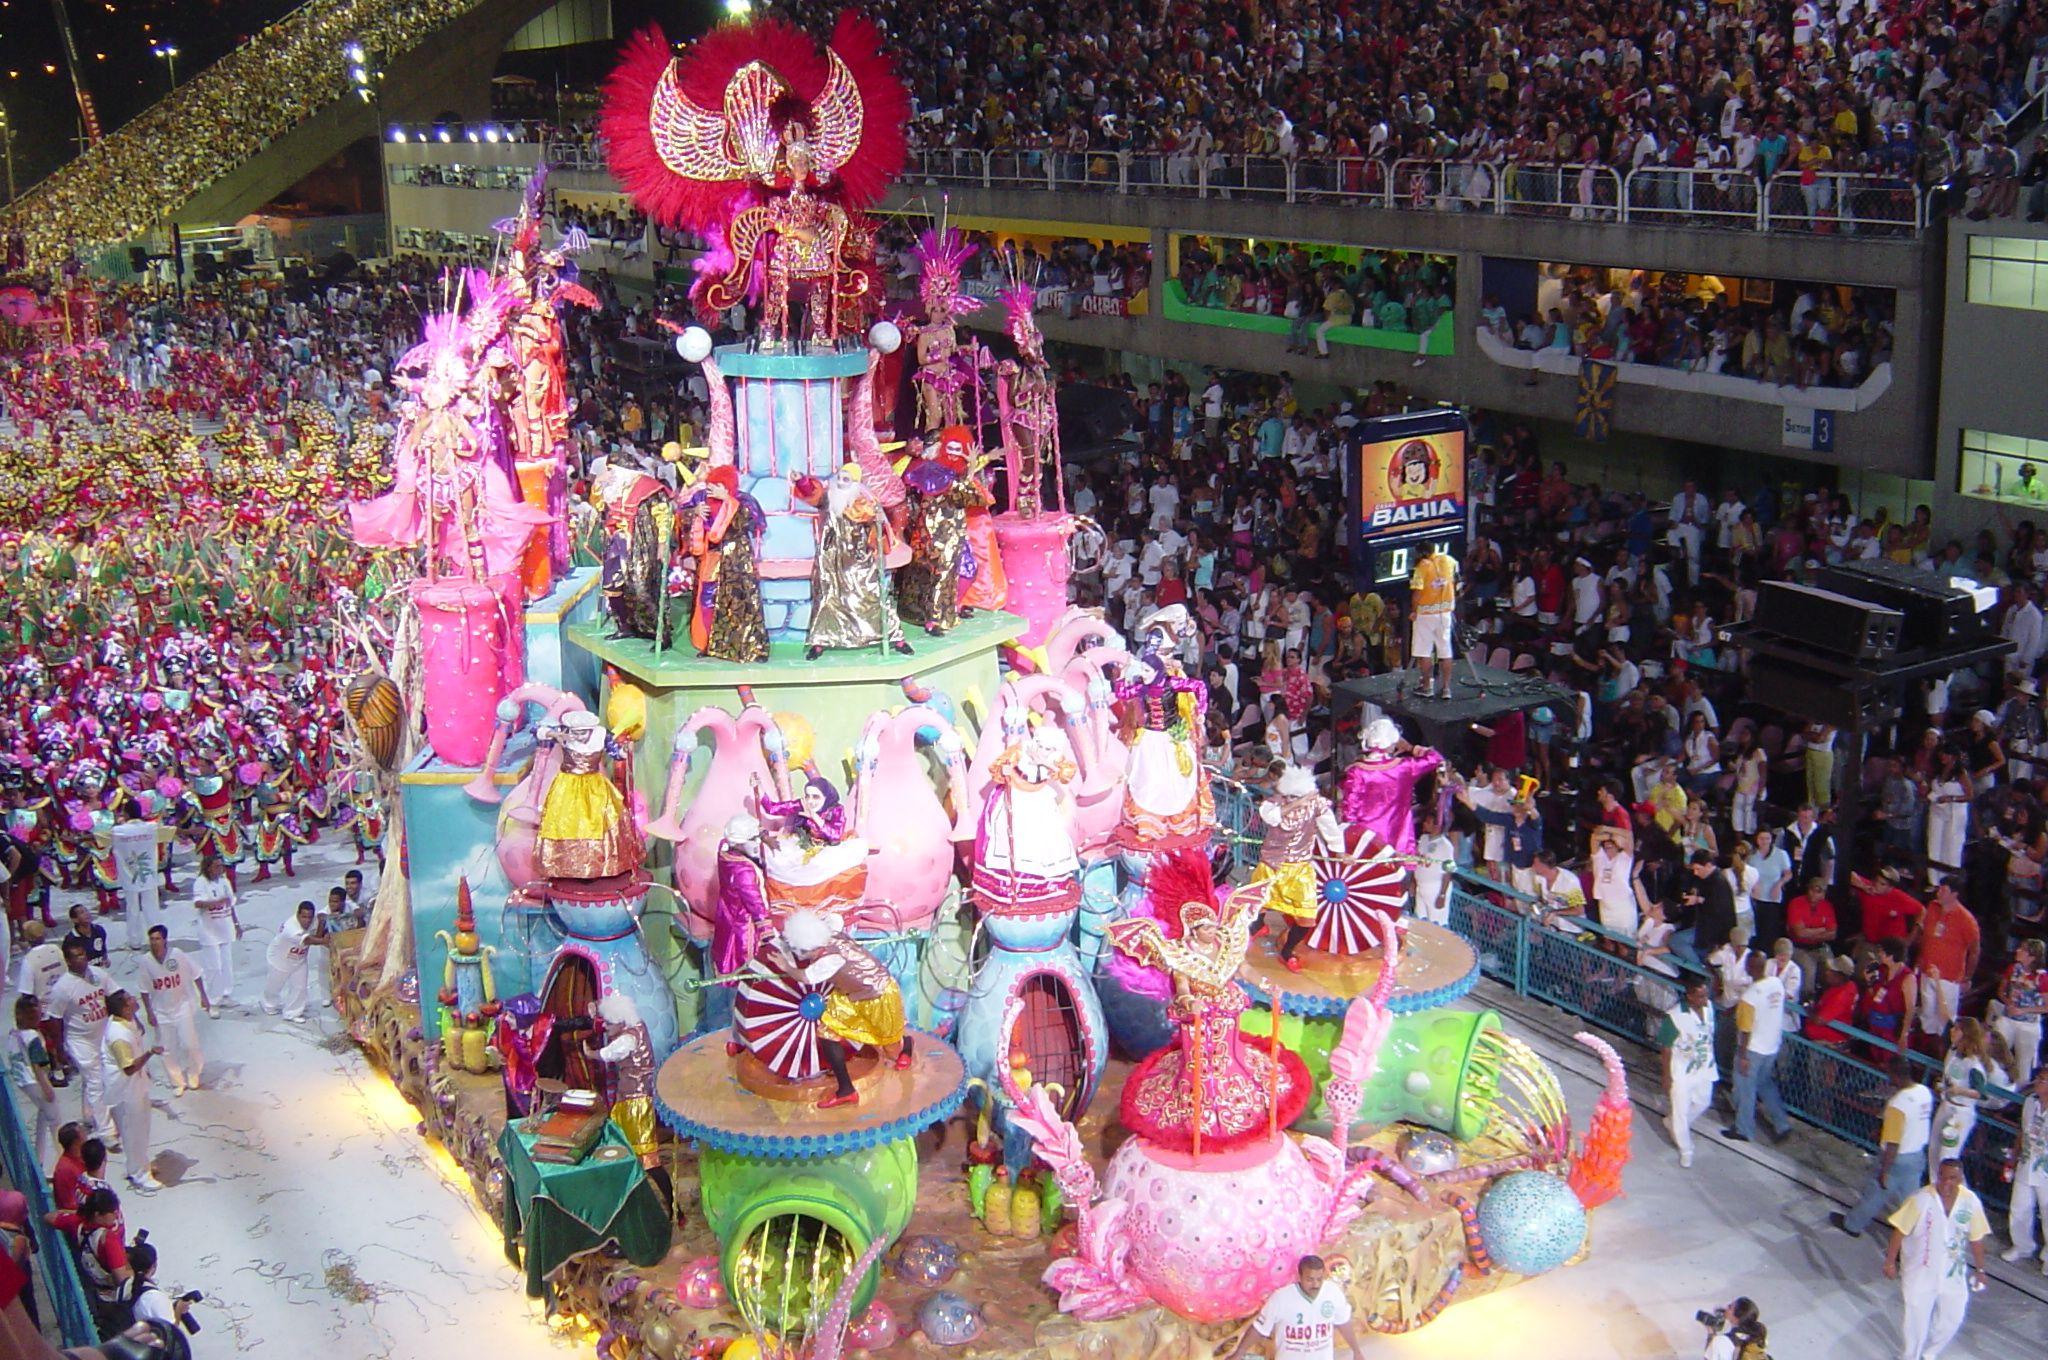 Carnaval, Rio de Janeiro, Brazil